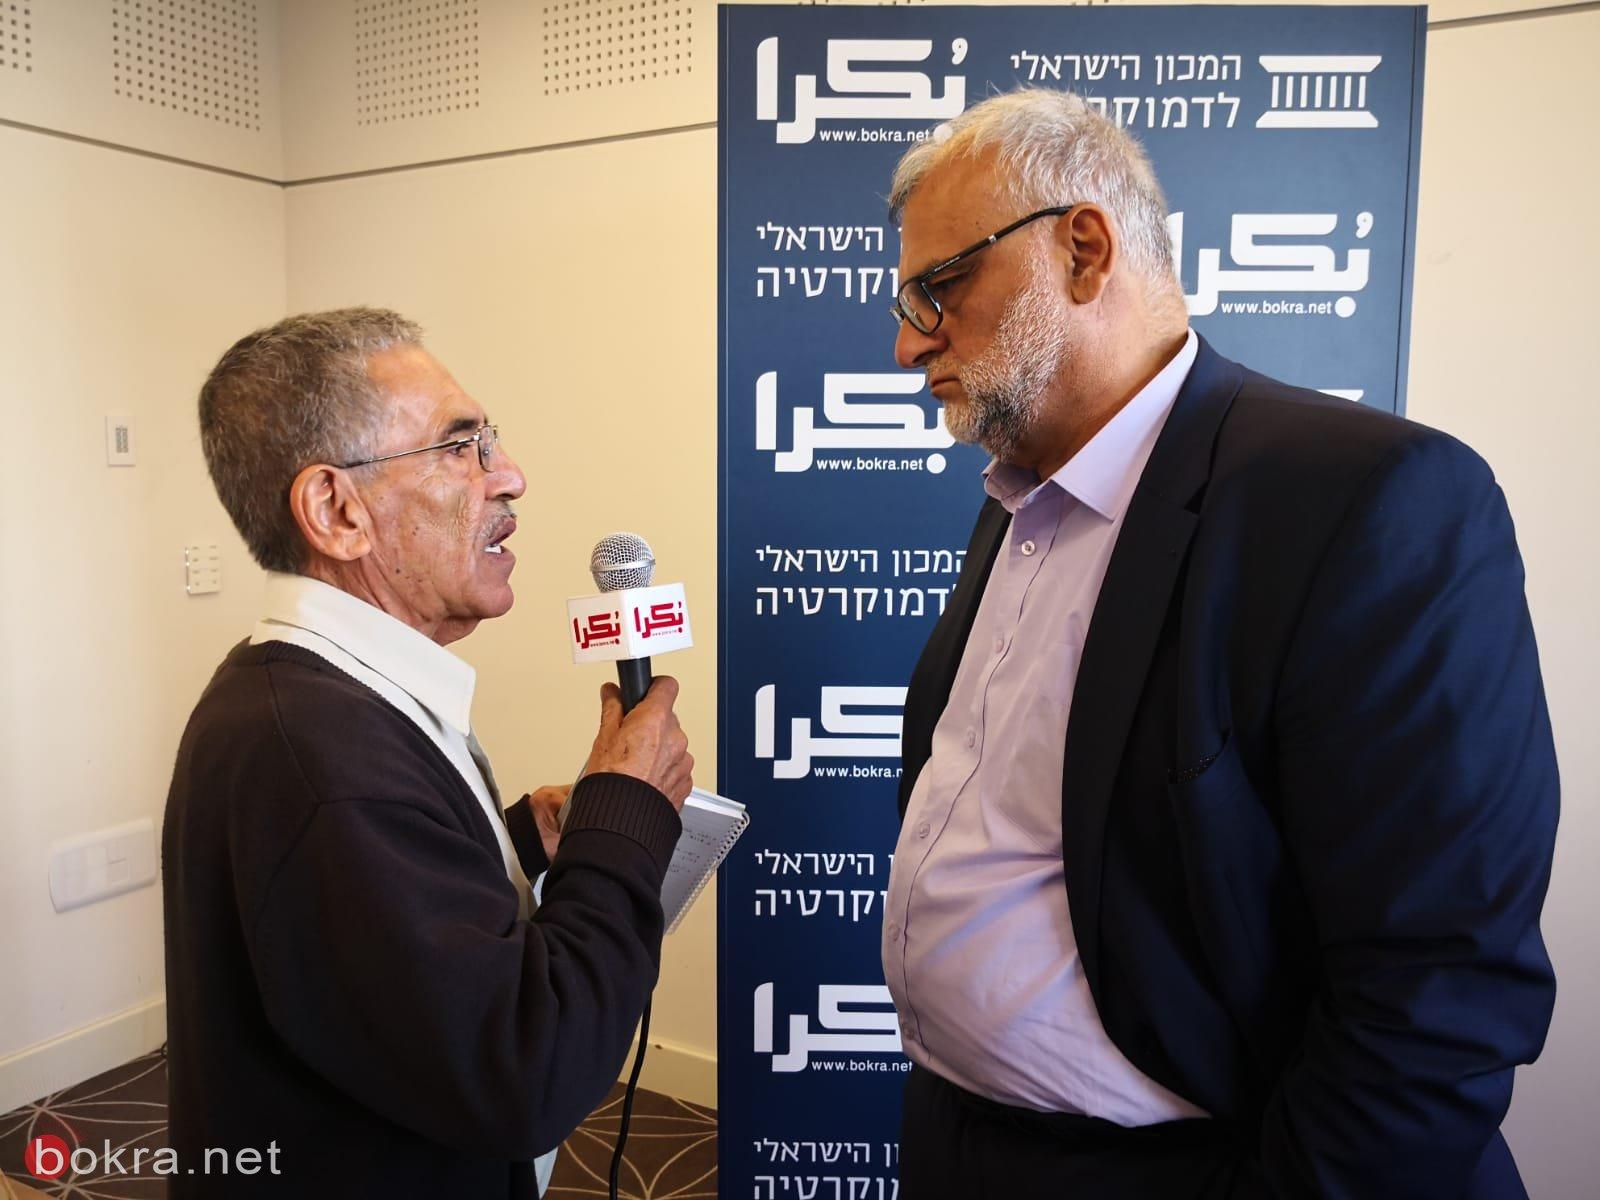 العنف في المجتمع العربي، أسبابه، والحلول لمكافحته؟ .. يوم دراسي في الناصرة-107